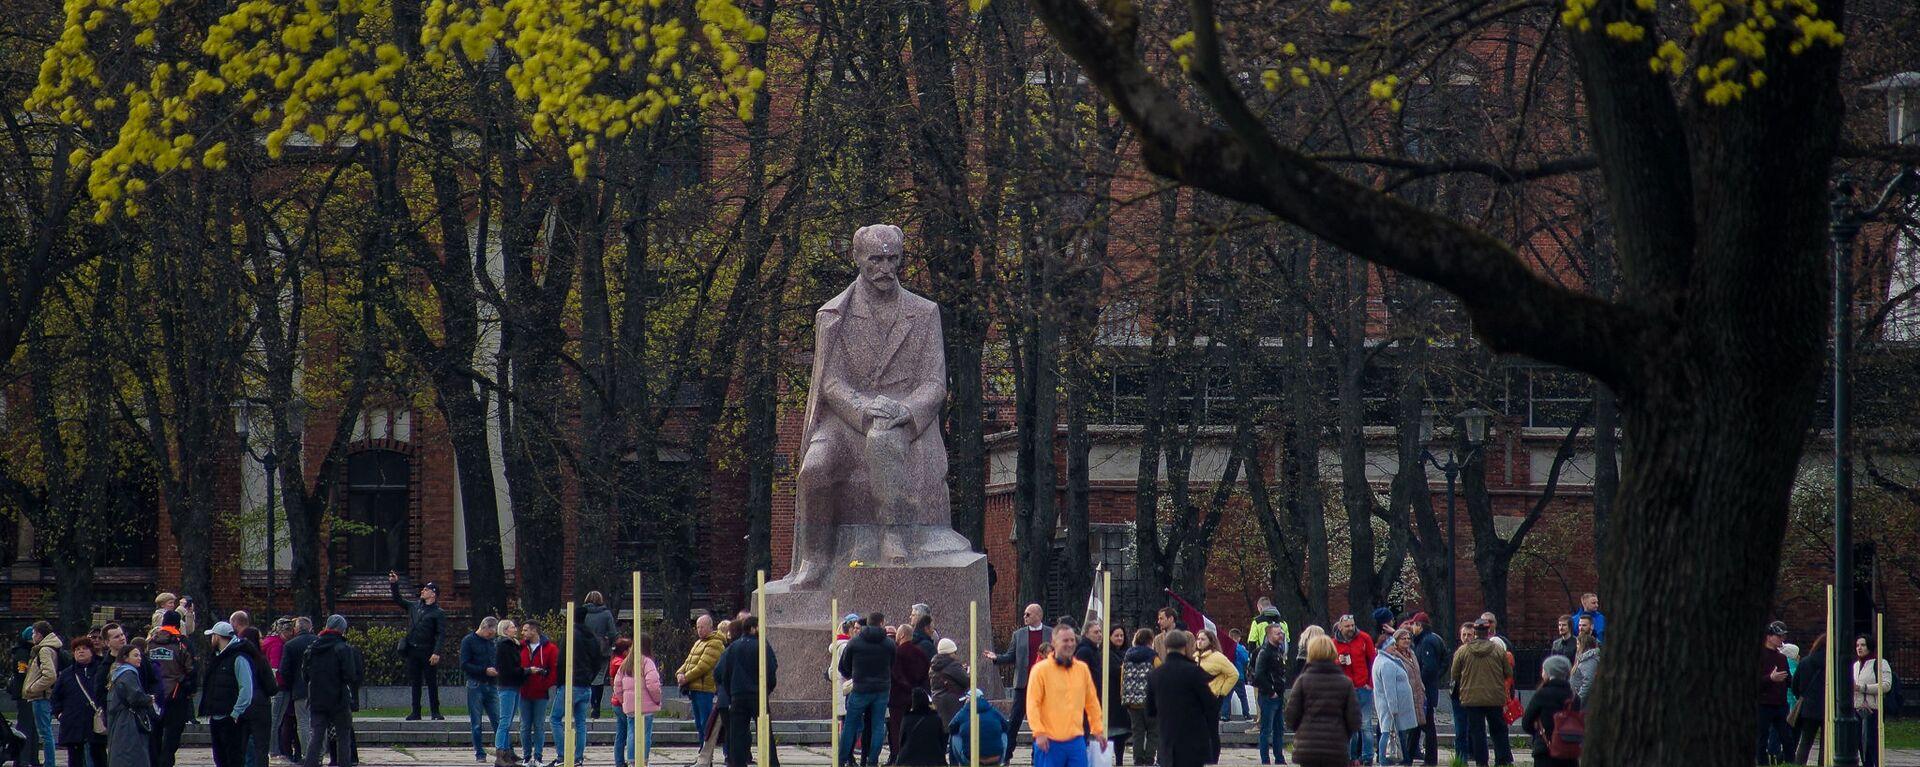 Люди собрались на Эспланаде у памятника Райниса в поддержку Алдиса Гобземса, который вышел погулять - Sputnik Латвия, 1920, 05.05.2021